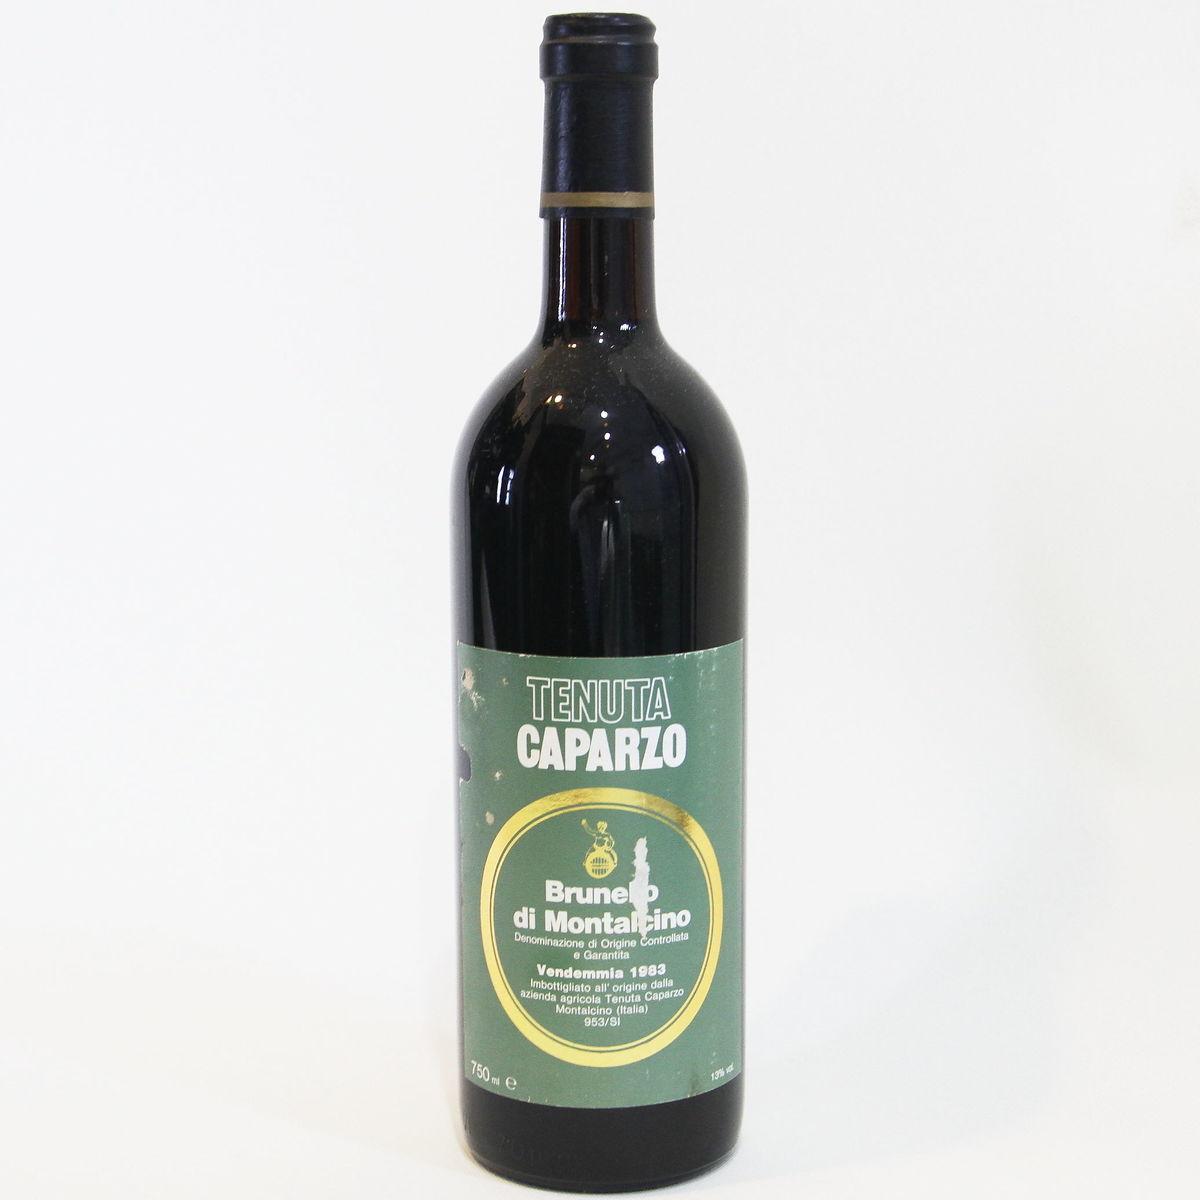 【1983年】ブルネッロ ディ モンタルチーノ テヌータ カパルツォ Brunello di Montalcino Caparzo  イタリア トスカーナ州 赤ワイン 750ml